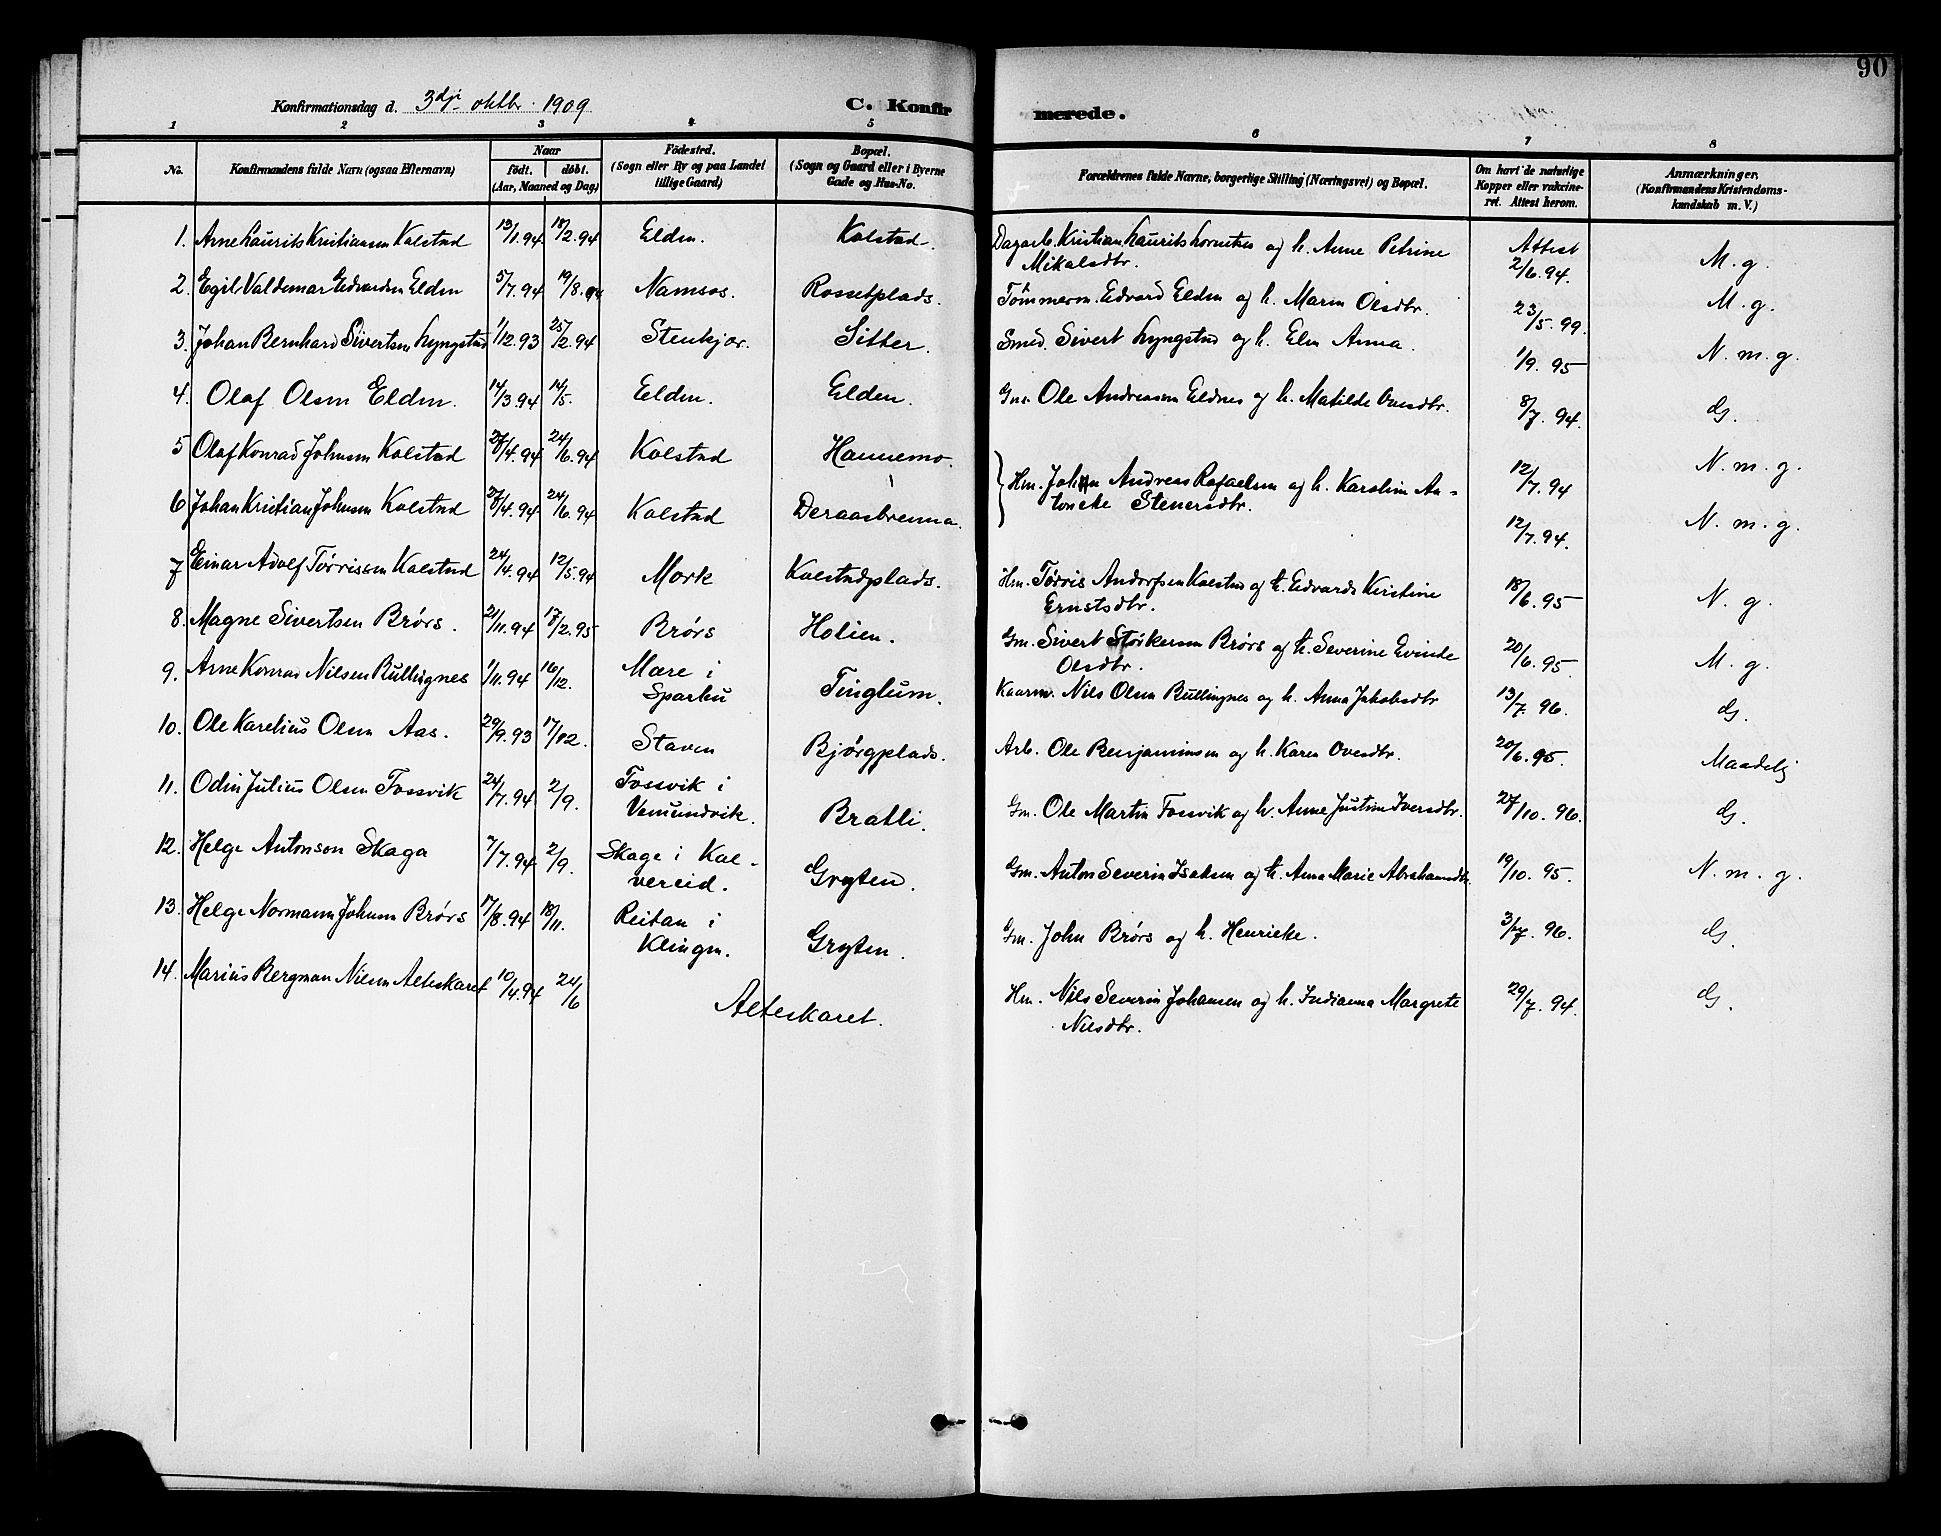 SAT, Ministerialprotokoller, klokkerbøker og fødselsregistre - Nord-Trøndelag, 742/L0412: Klokkerbok nr. 742C03, 1898-1910, s. 90